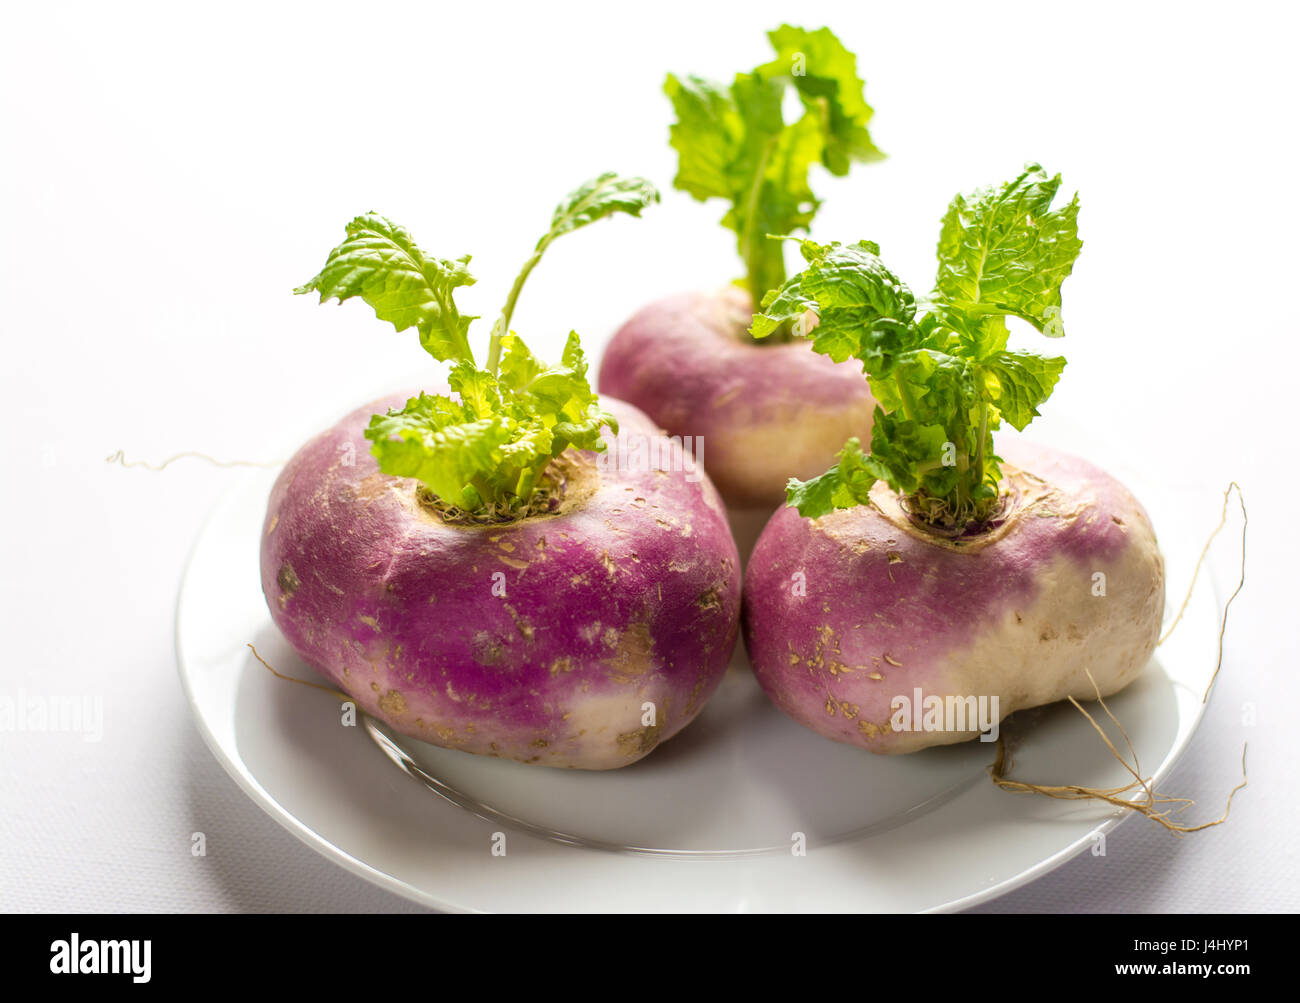 Primo piano di tre organici rape viola con foglie su una piastra bianca e sfondo Immagini Stock